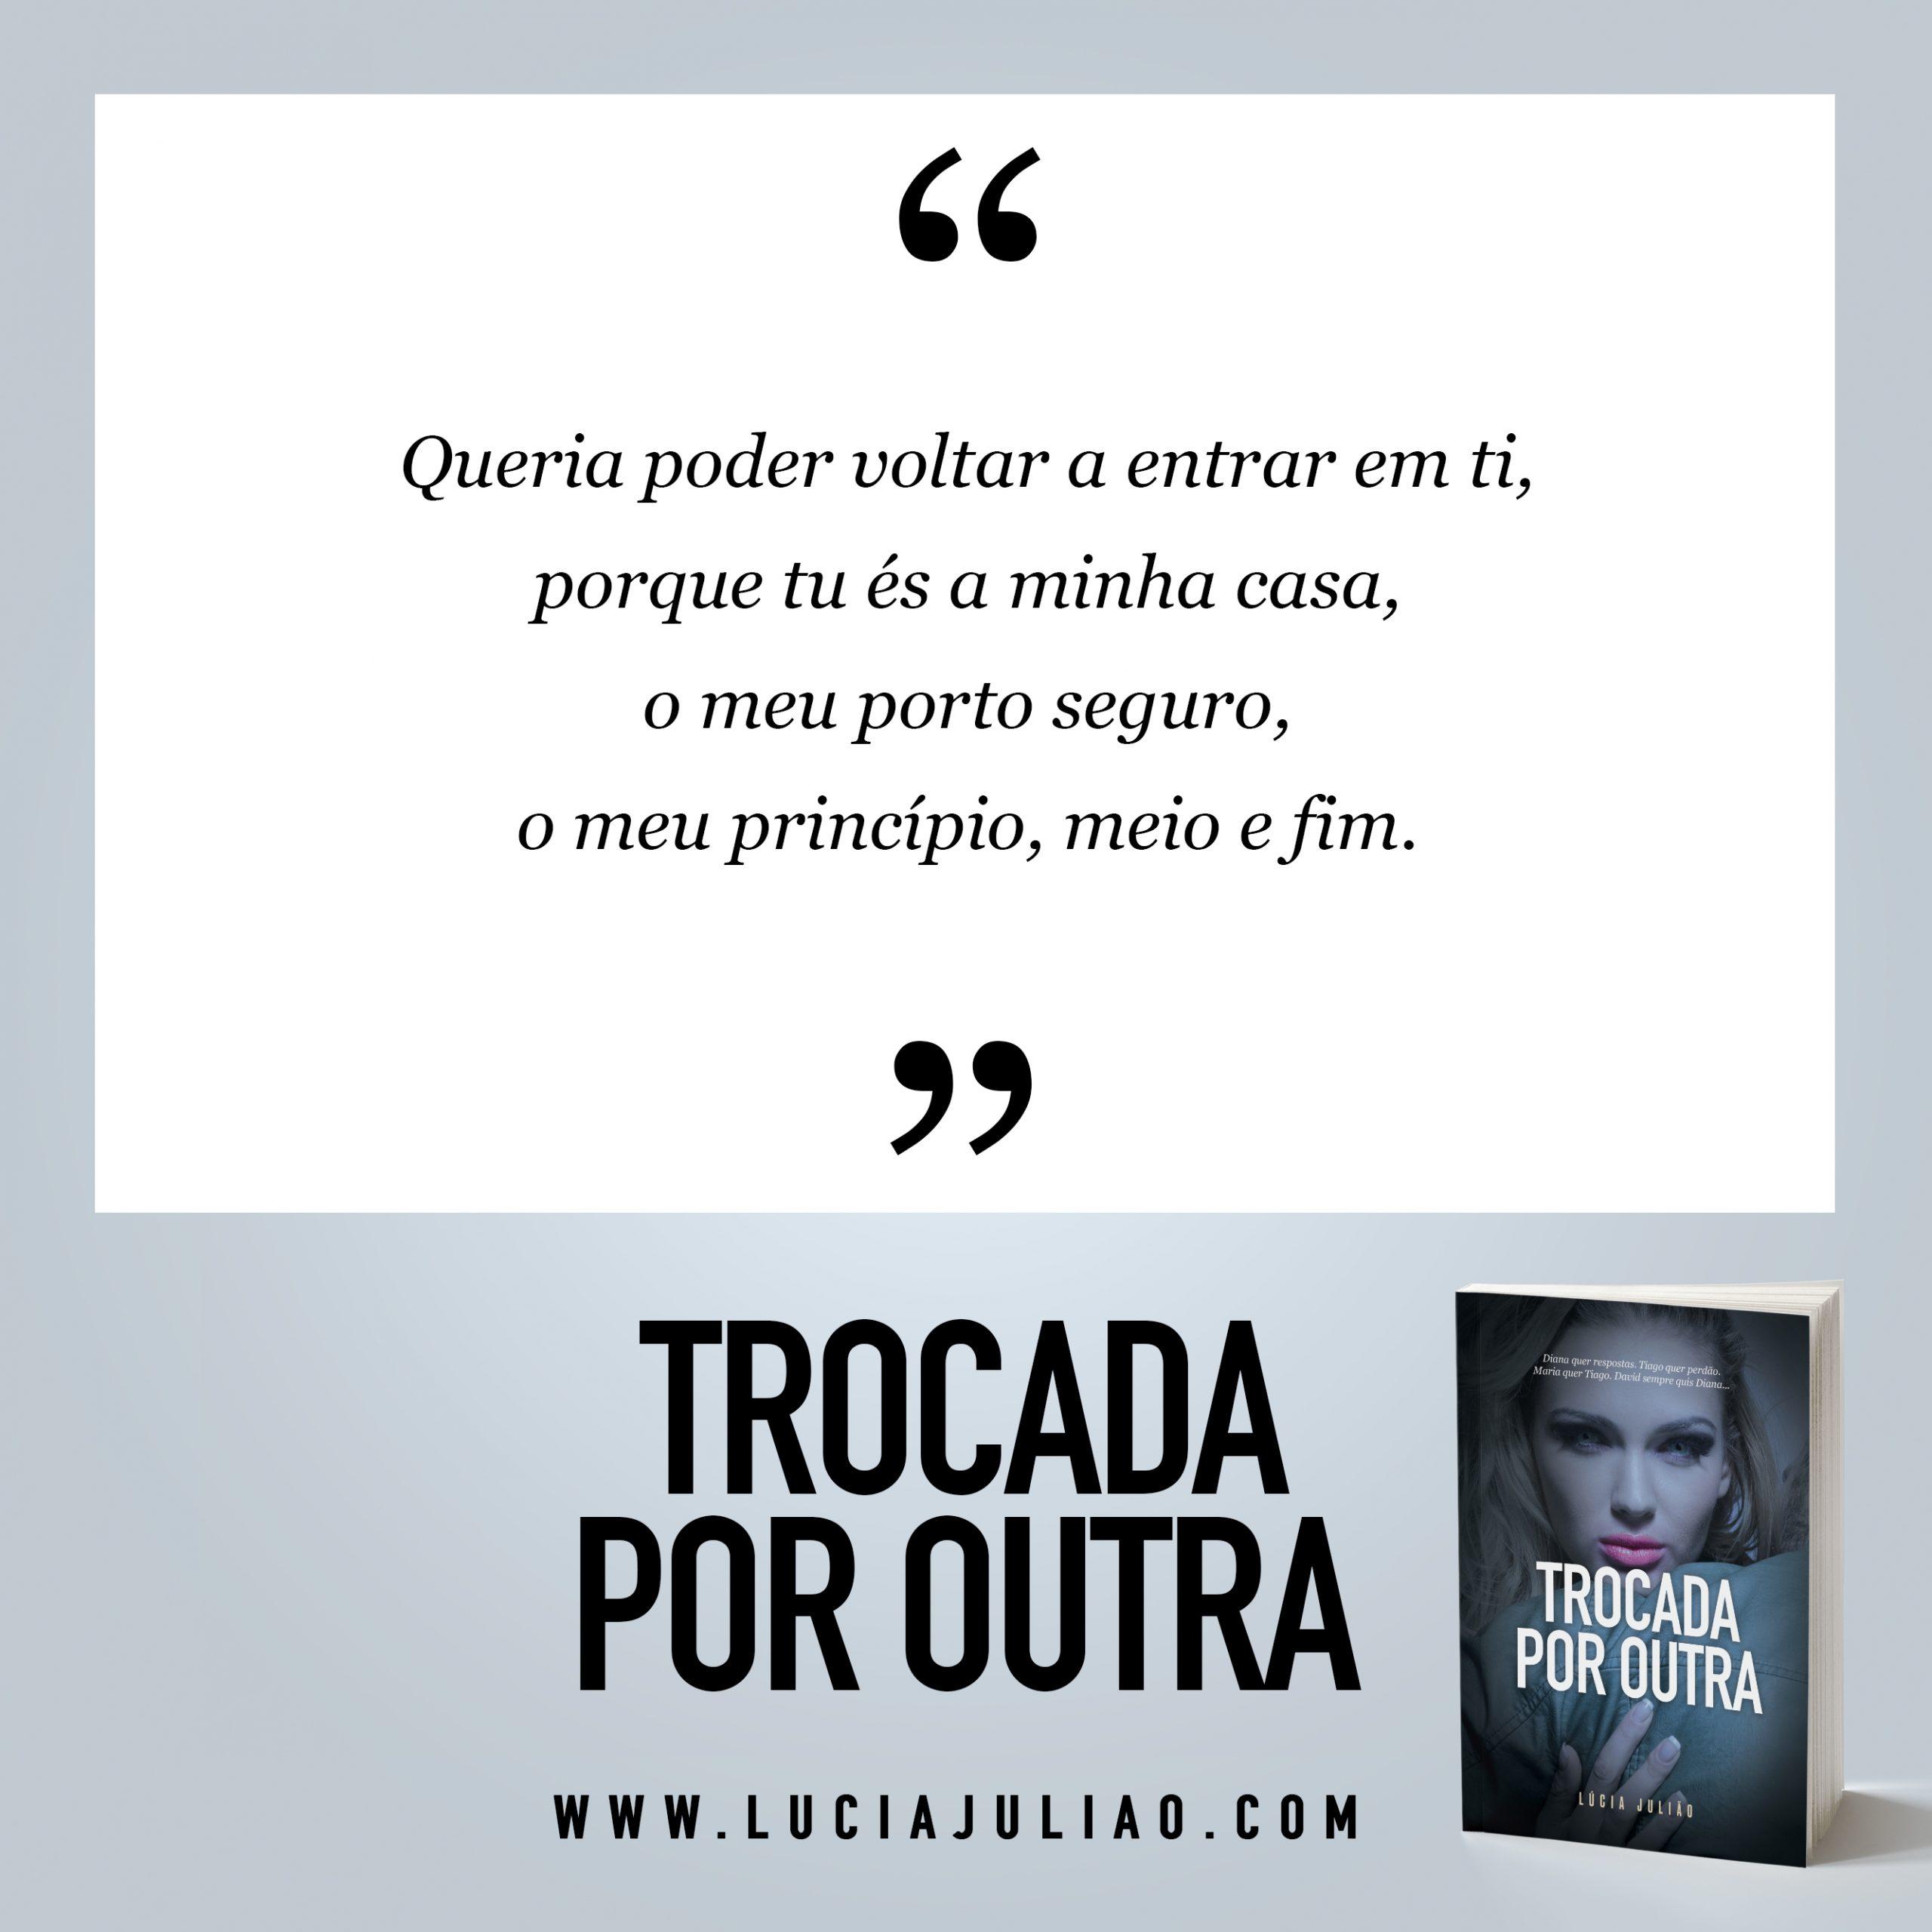 038Q - capitulo 11 Trocada por outra - Lúcia Julião